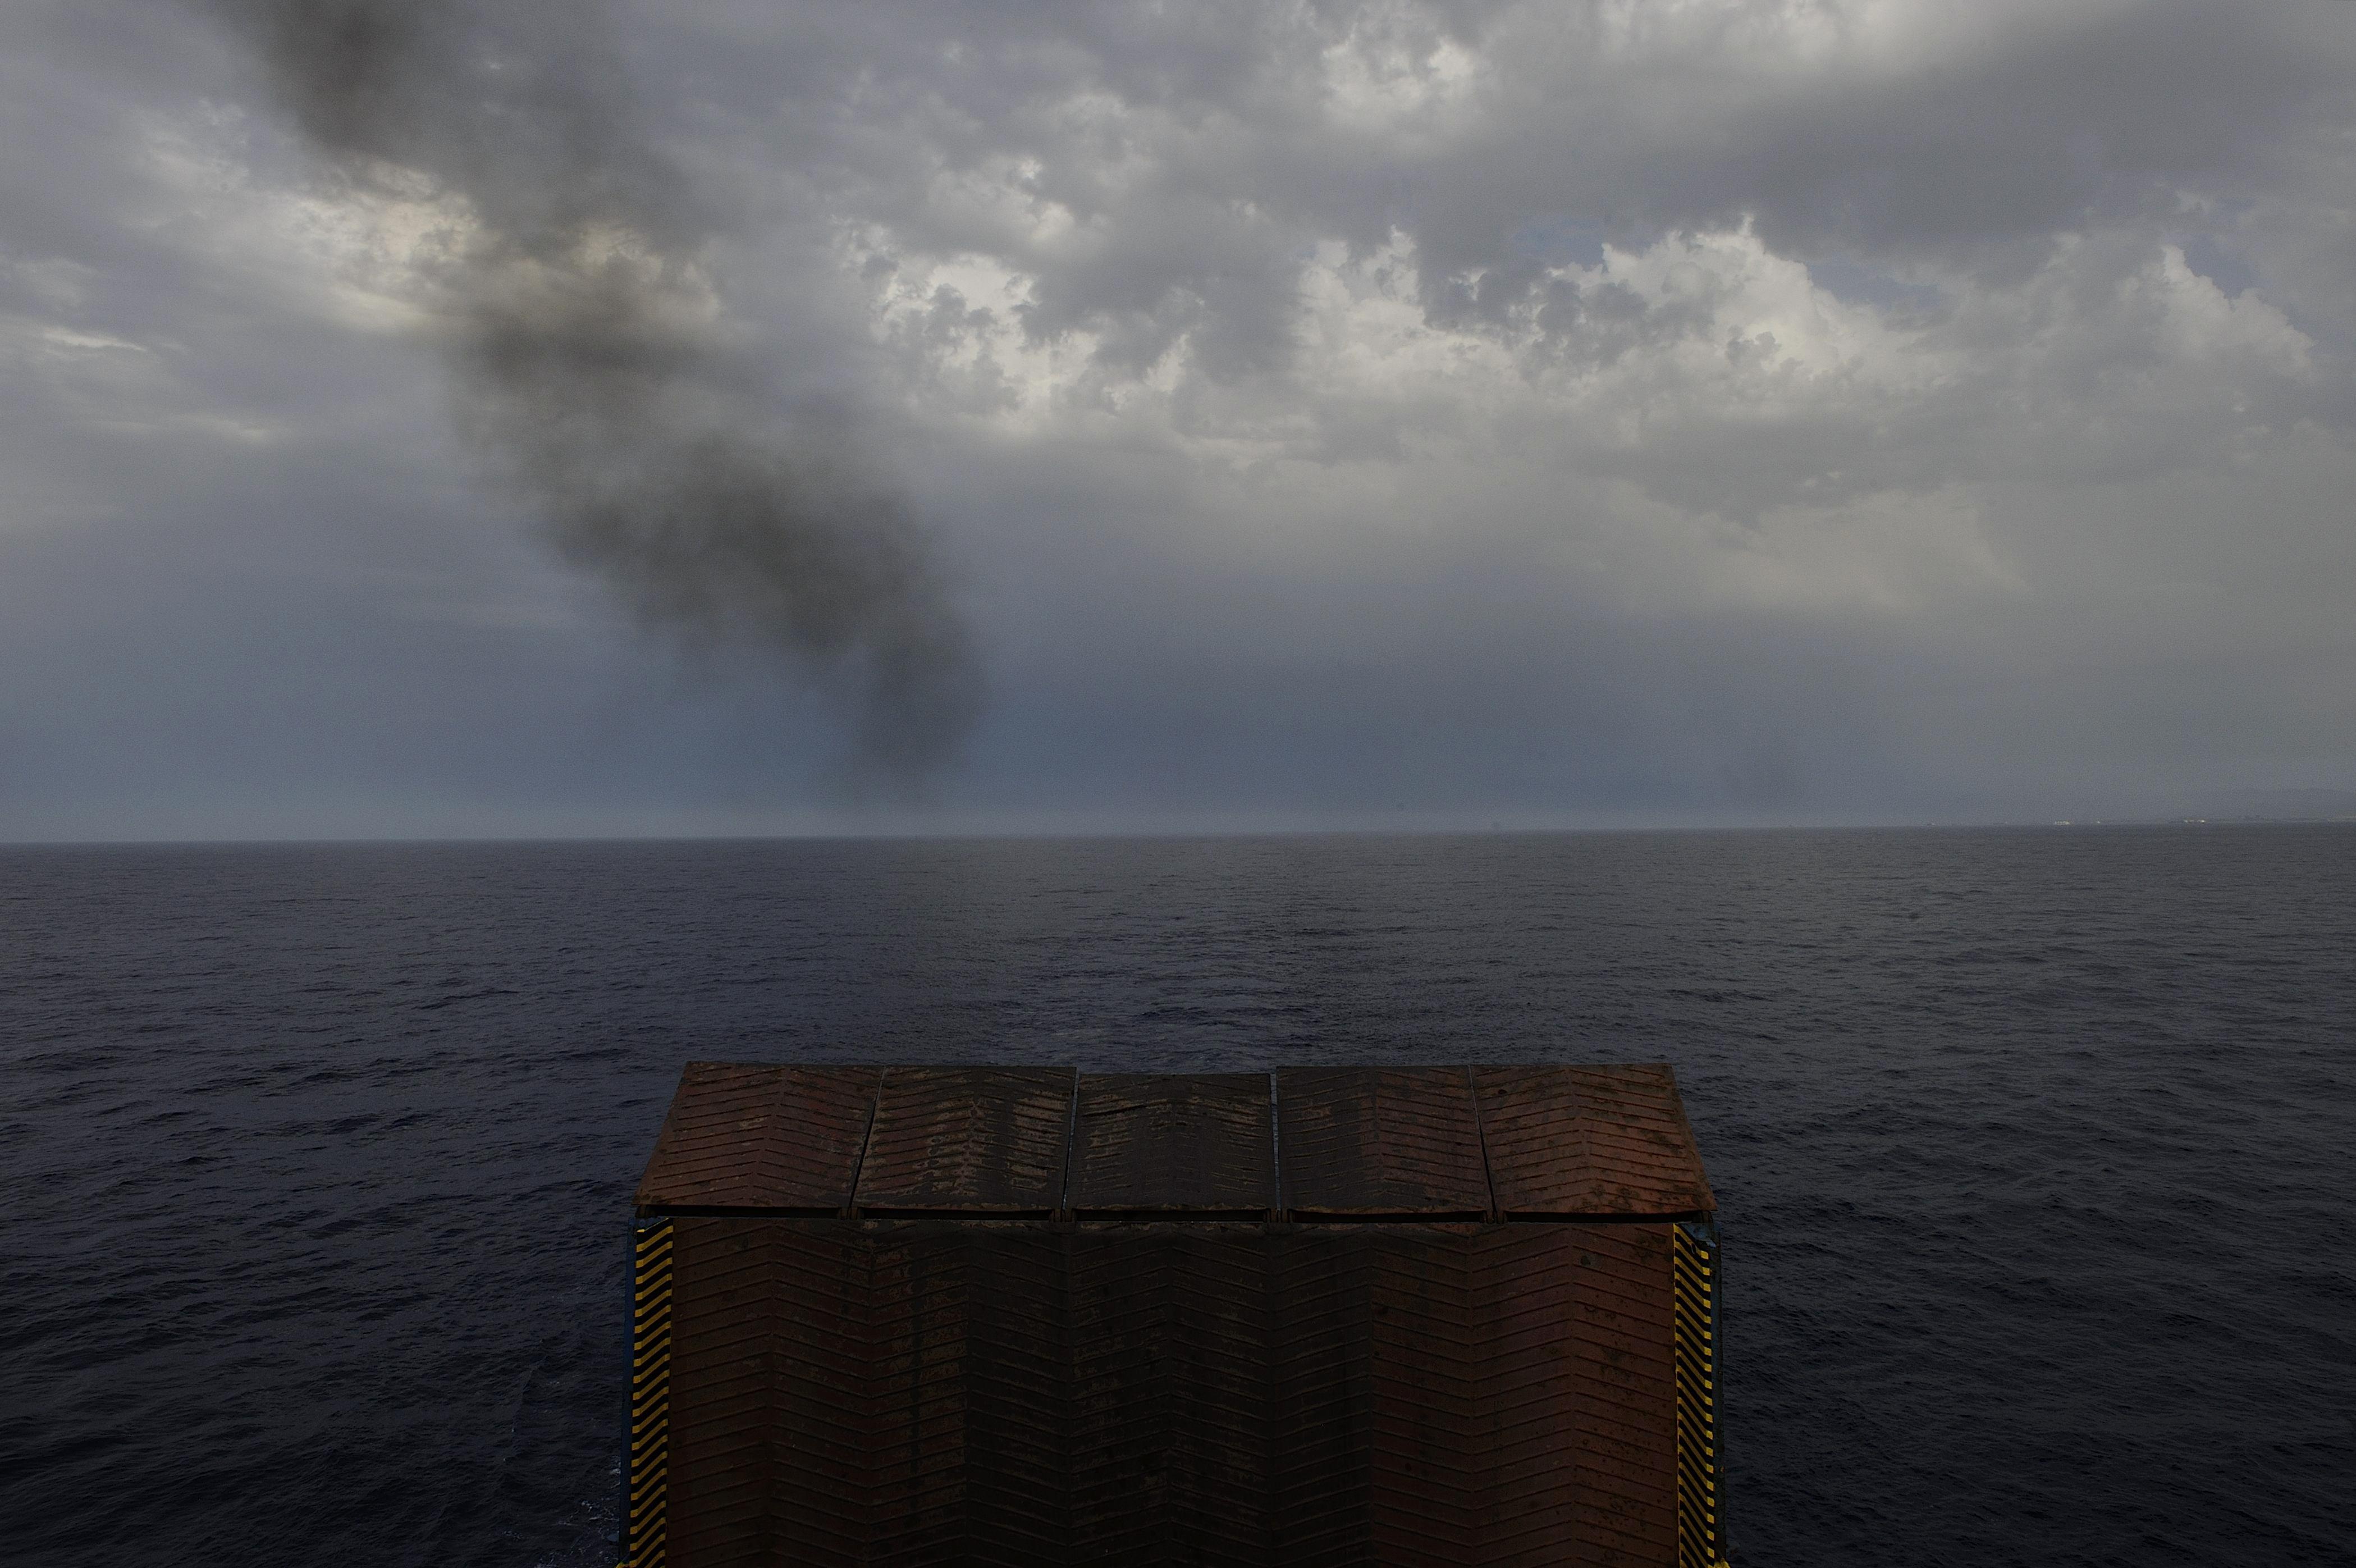 Où en est la lutte anti pollution en mer Méditerranée ? Réponses avec le ministère de Nicolas Hulot